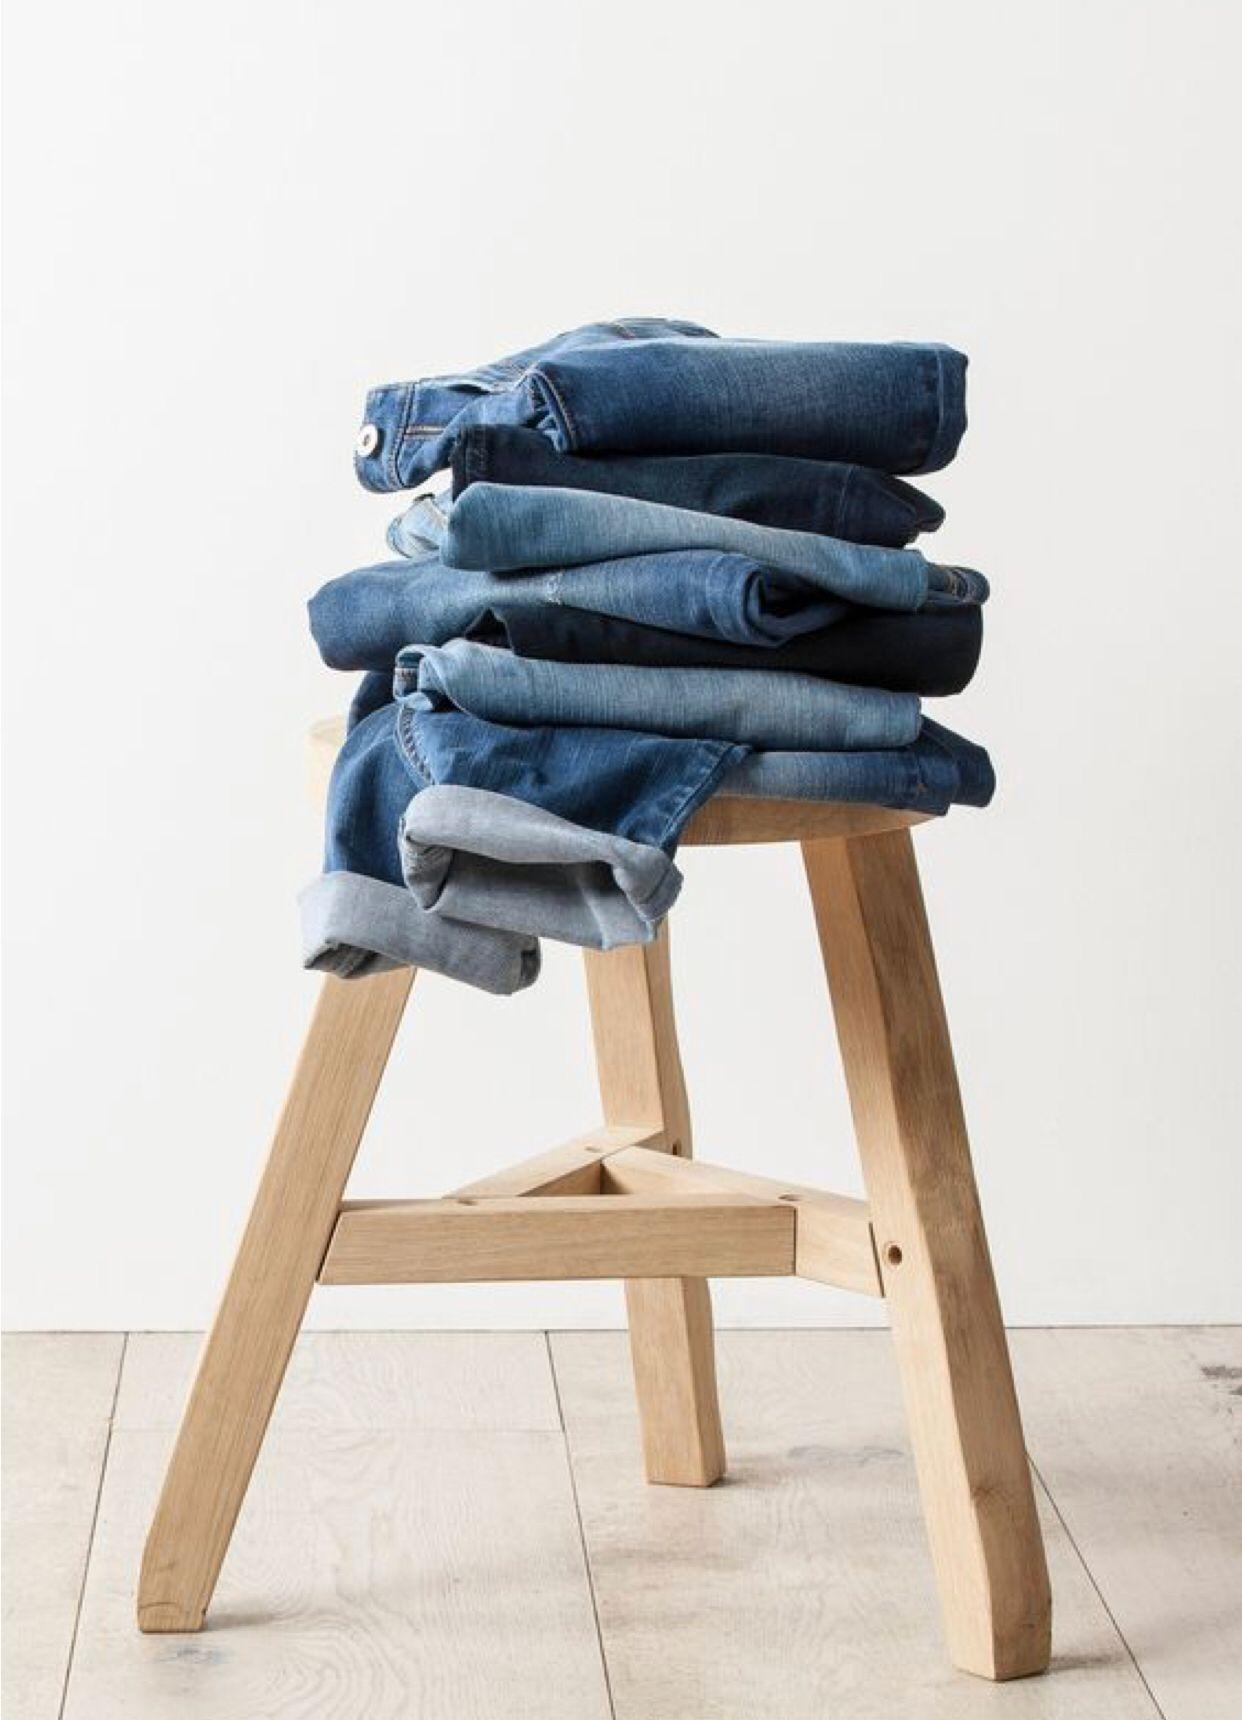 Cuối năm đi mua quần jeans, chị em cần 4 mẹo sau để tìm được item tôn dáng, giá rẻ mà mặc sang như đồ đắt tiền - Ảnh 8.